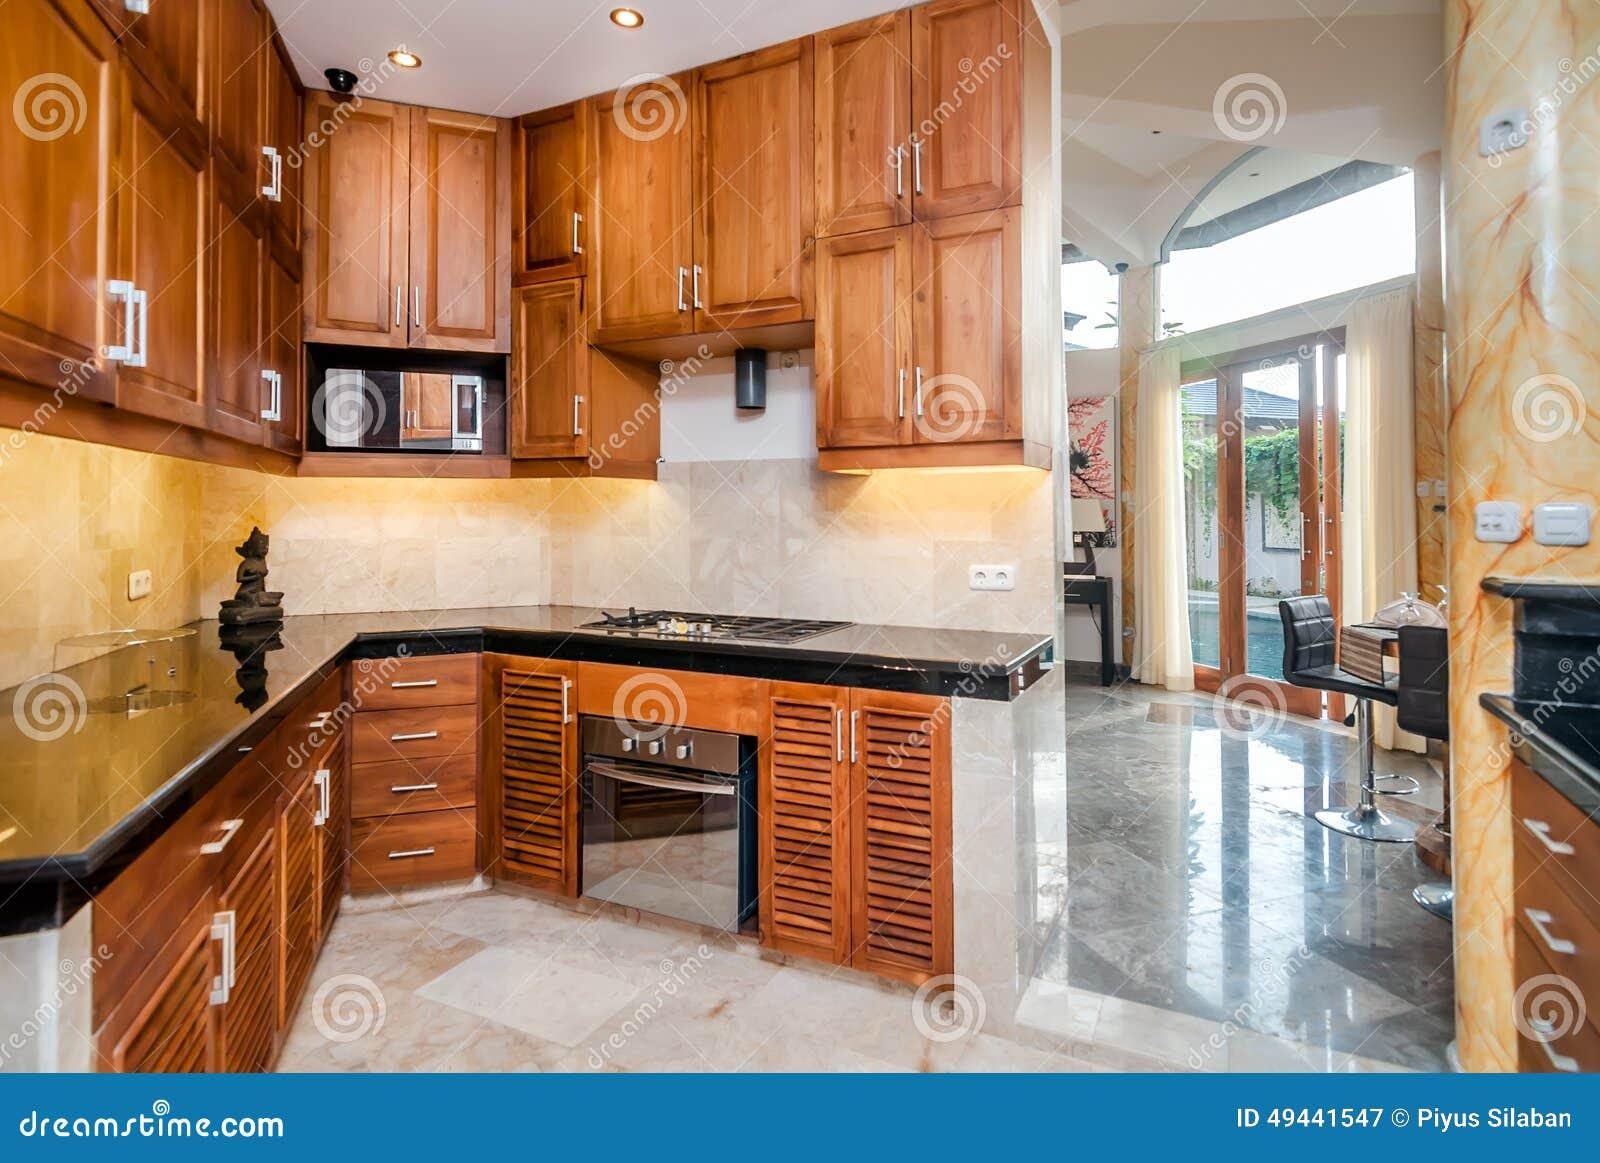 Cozinha De Madeira Moderna Com Est Tua Imagem De Stock Imagem De